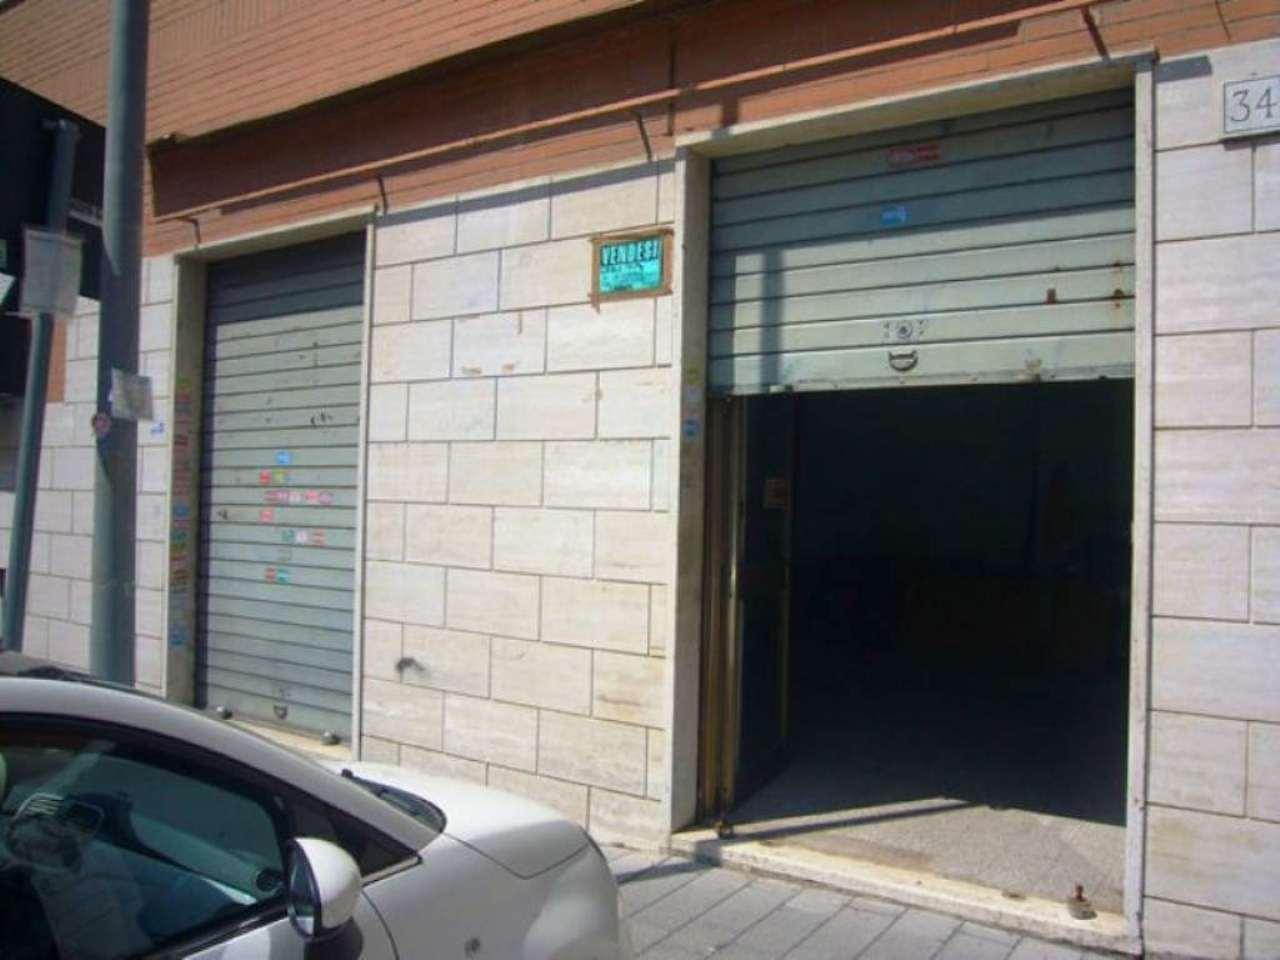 Locali commerciali in vendita a roma in zona primavalle for Locali commerciali roma centro